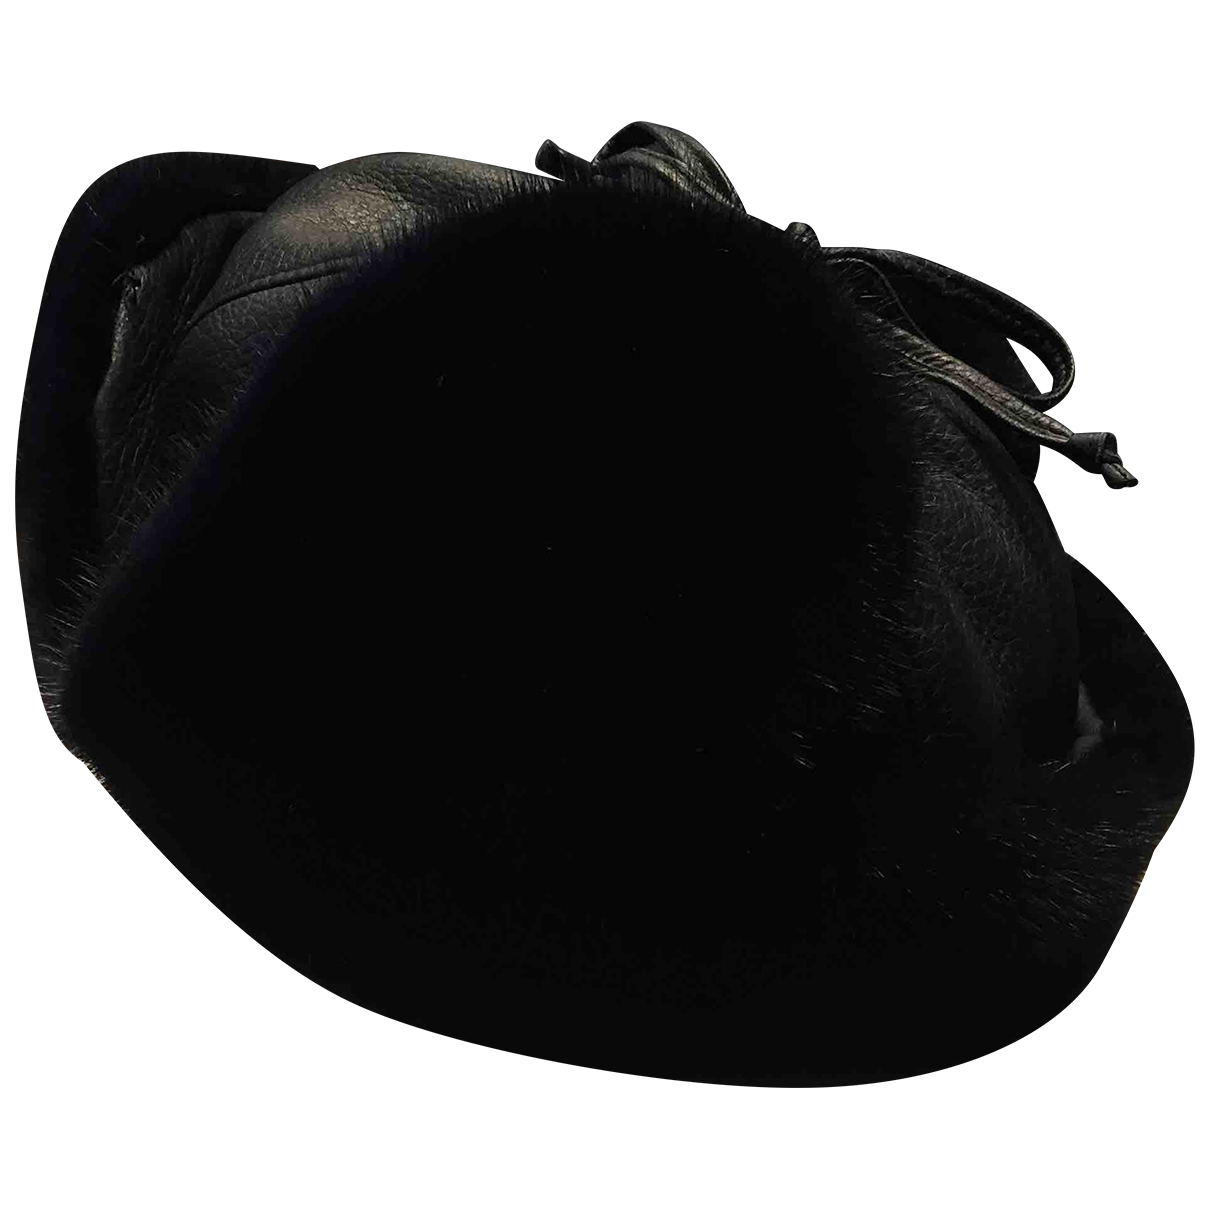 Brioni \N Navy Mink hat & pull on hat for Men 60 cm